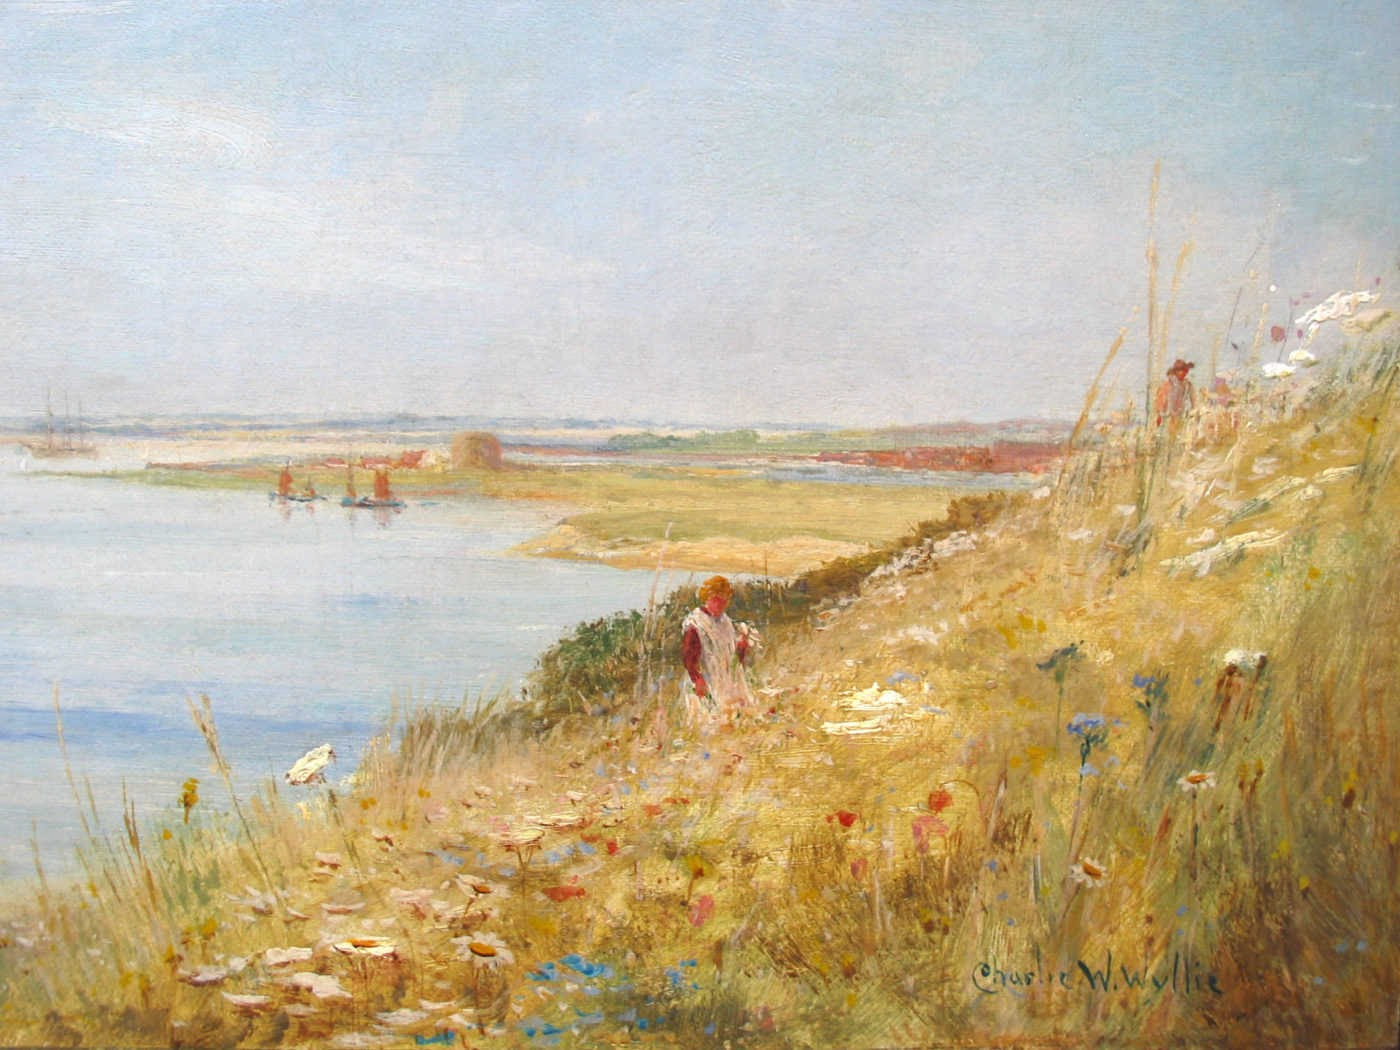 Charles William Wyllie TuttArt